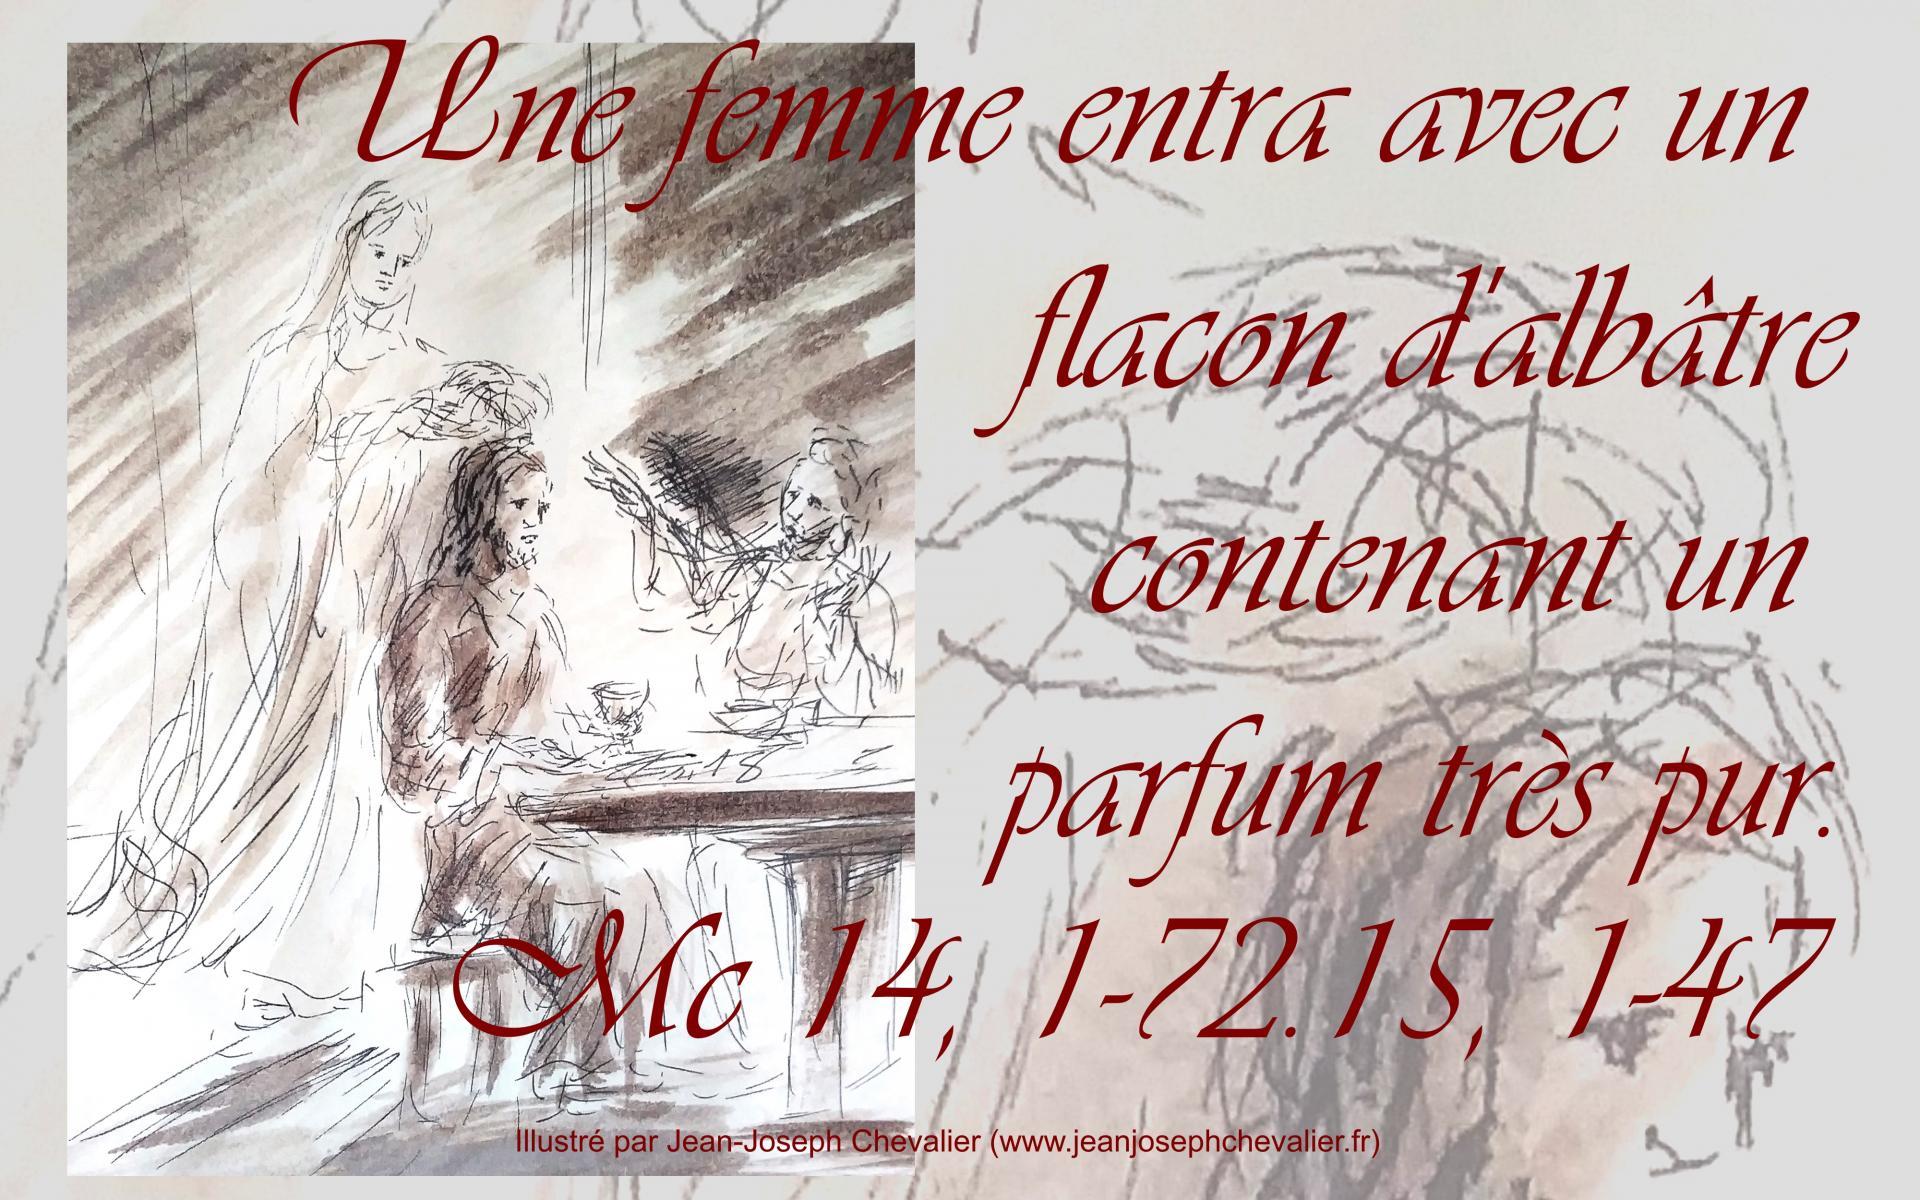 25 mars 2018 evangile du jour illustre par un dessin au lavis de jean joseph chevalier image 1